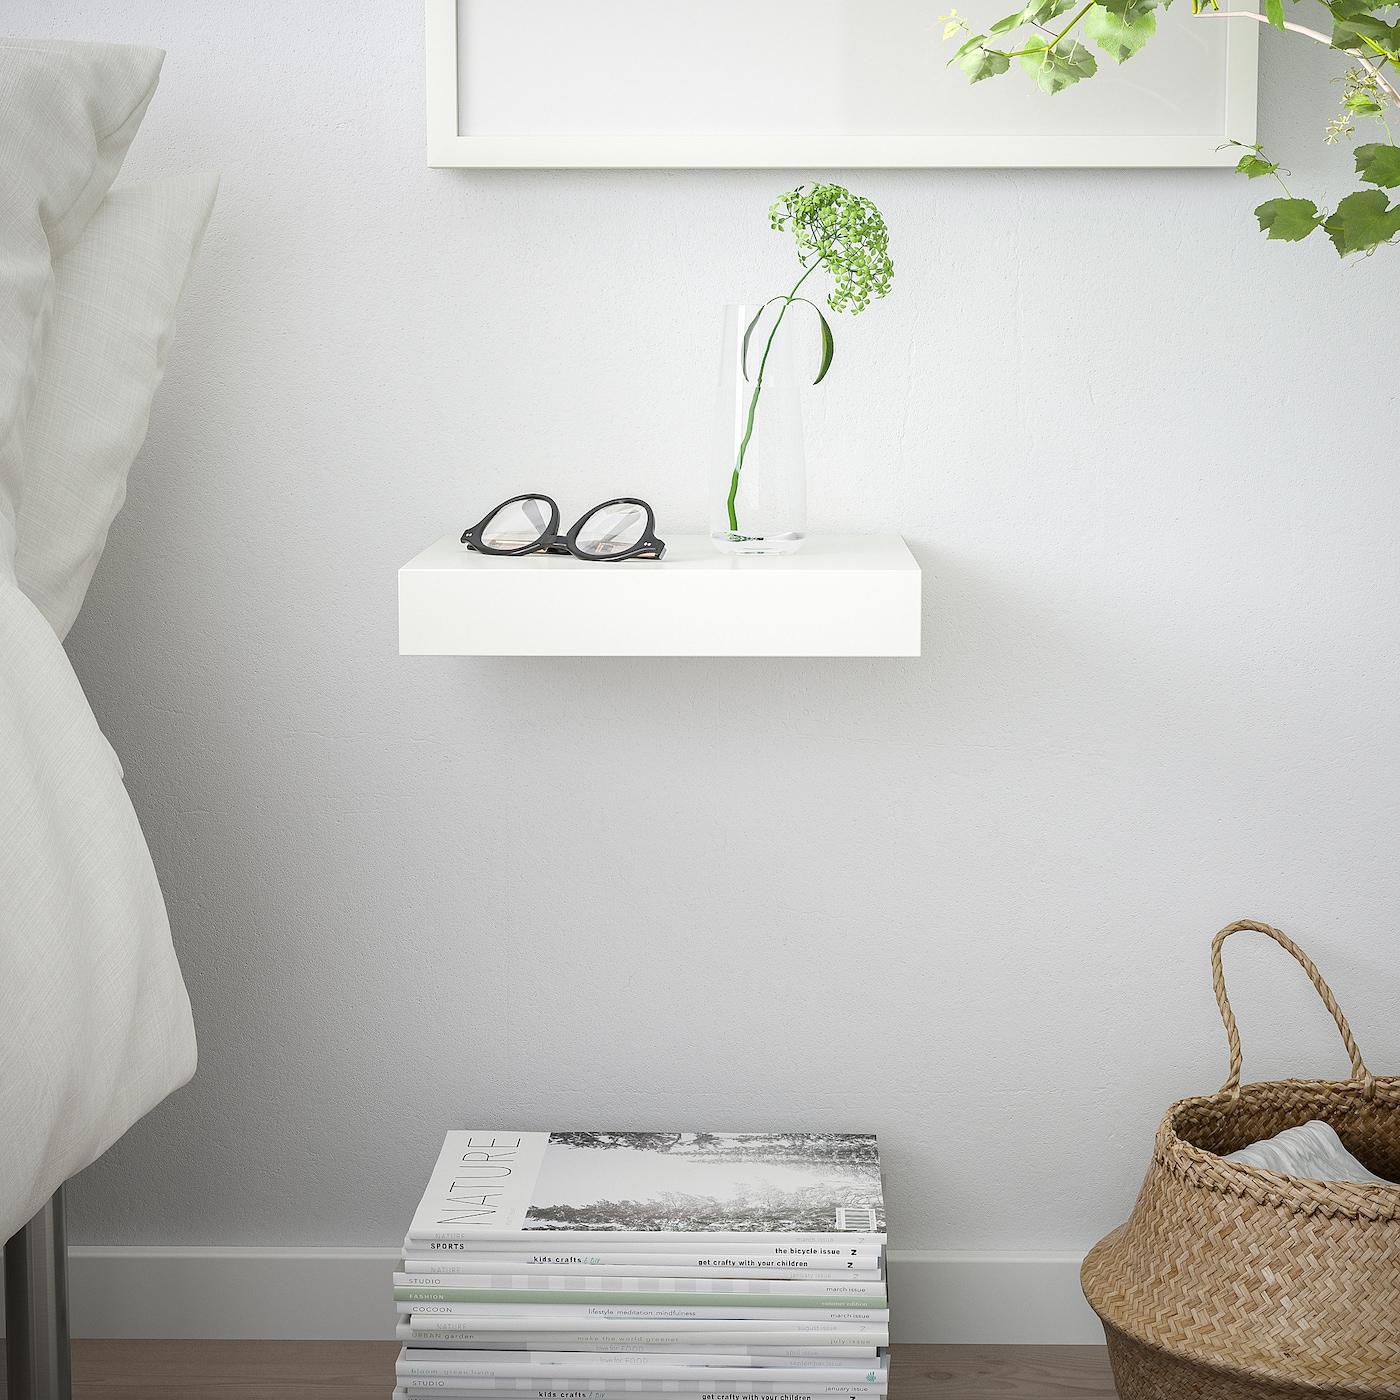 LACK Wall shelf - white 3x3 cm